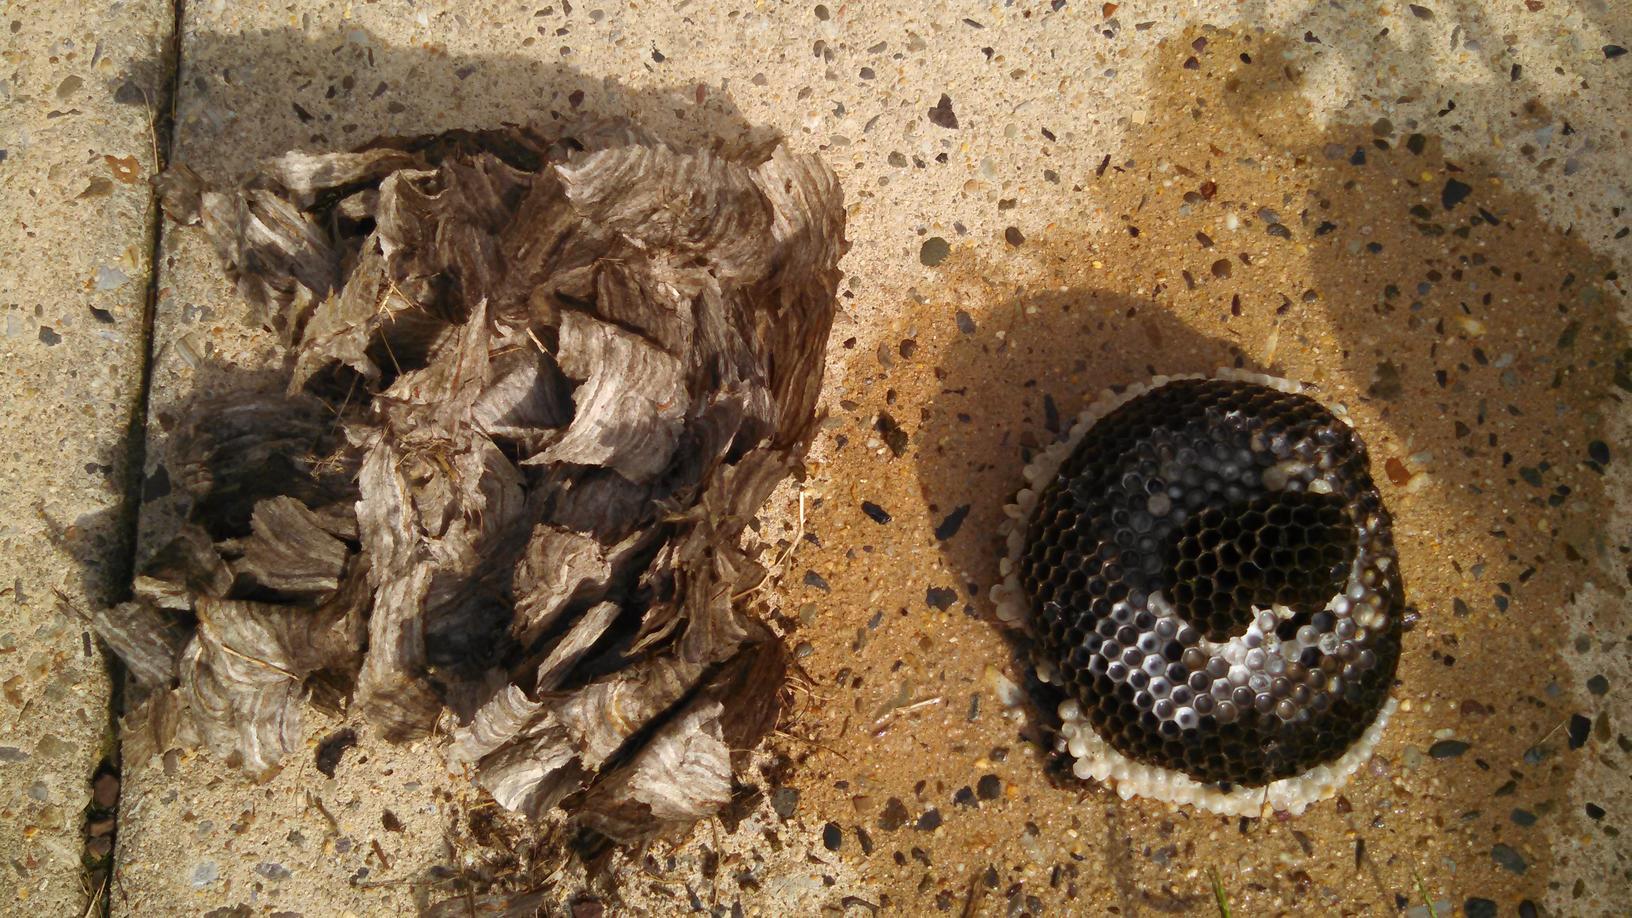 Hornets nest broken open in Allentown, NJ